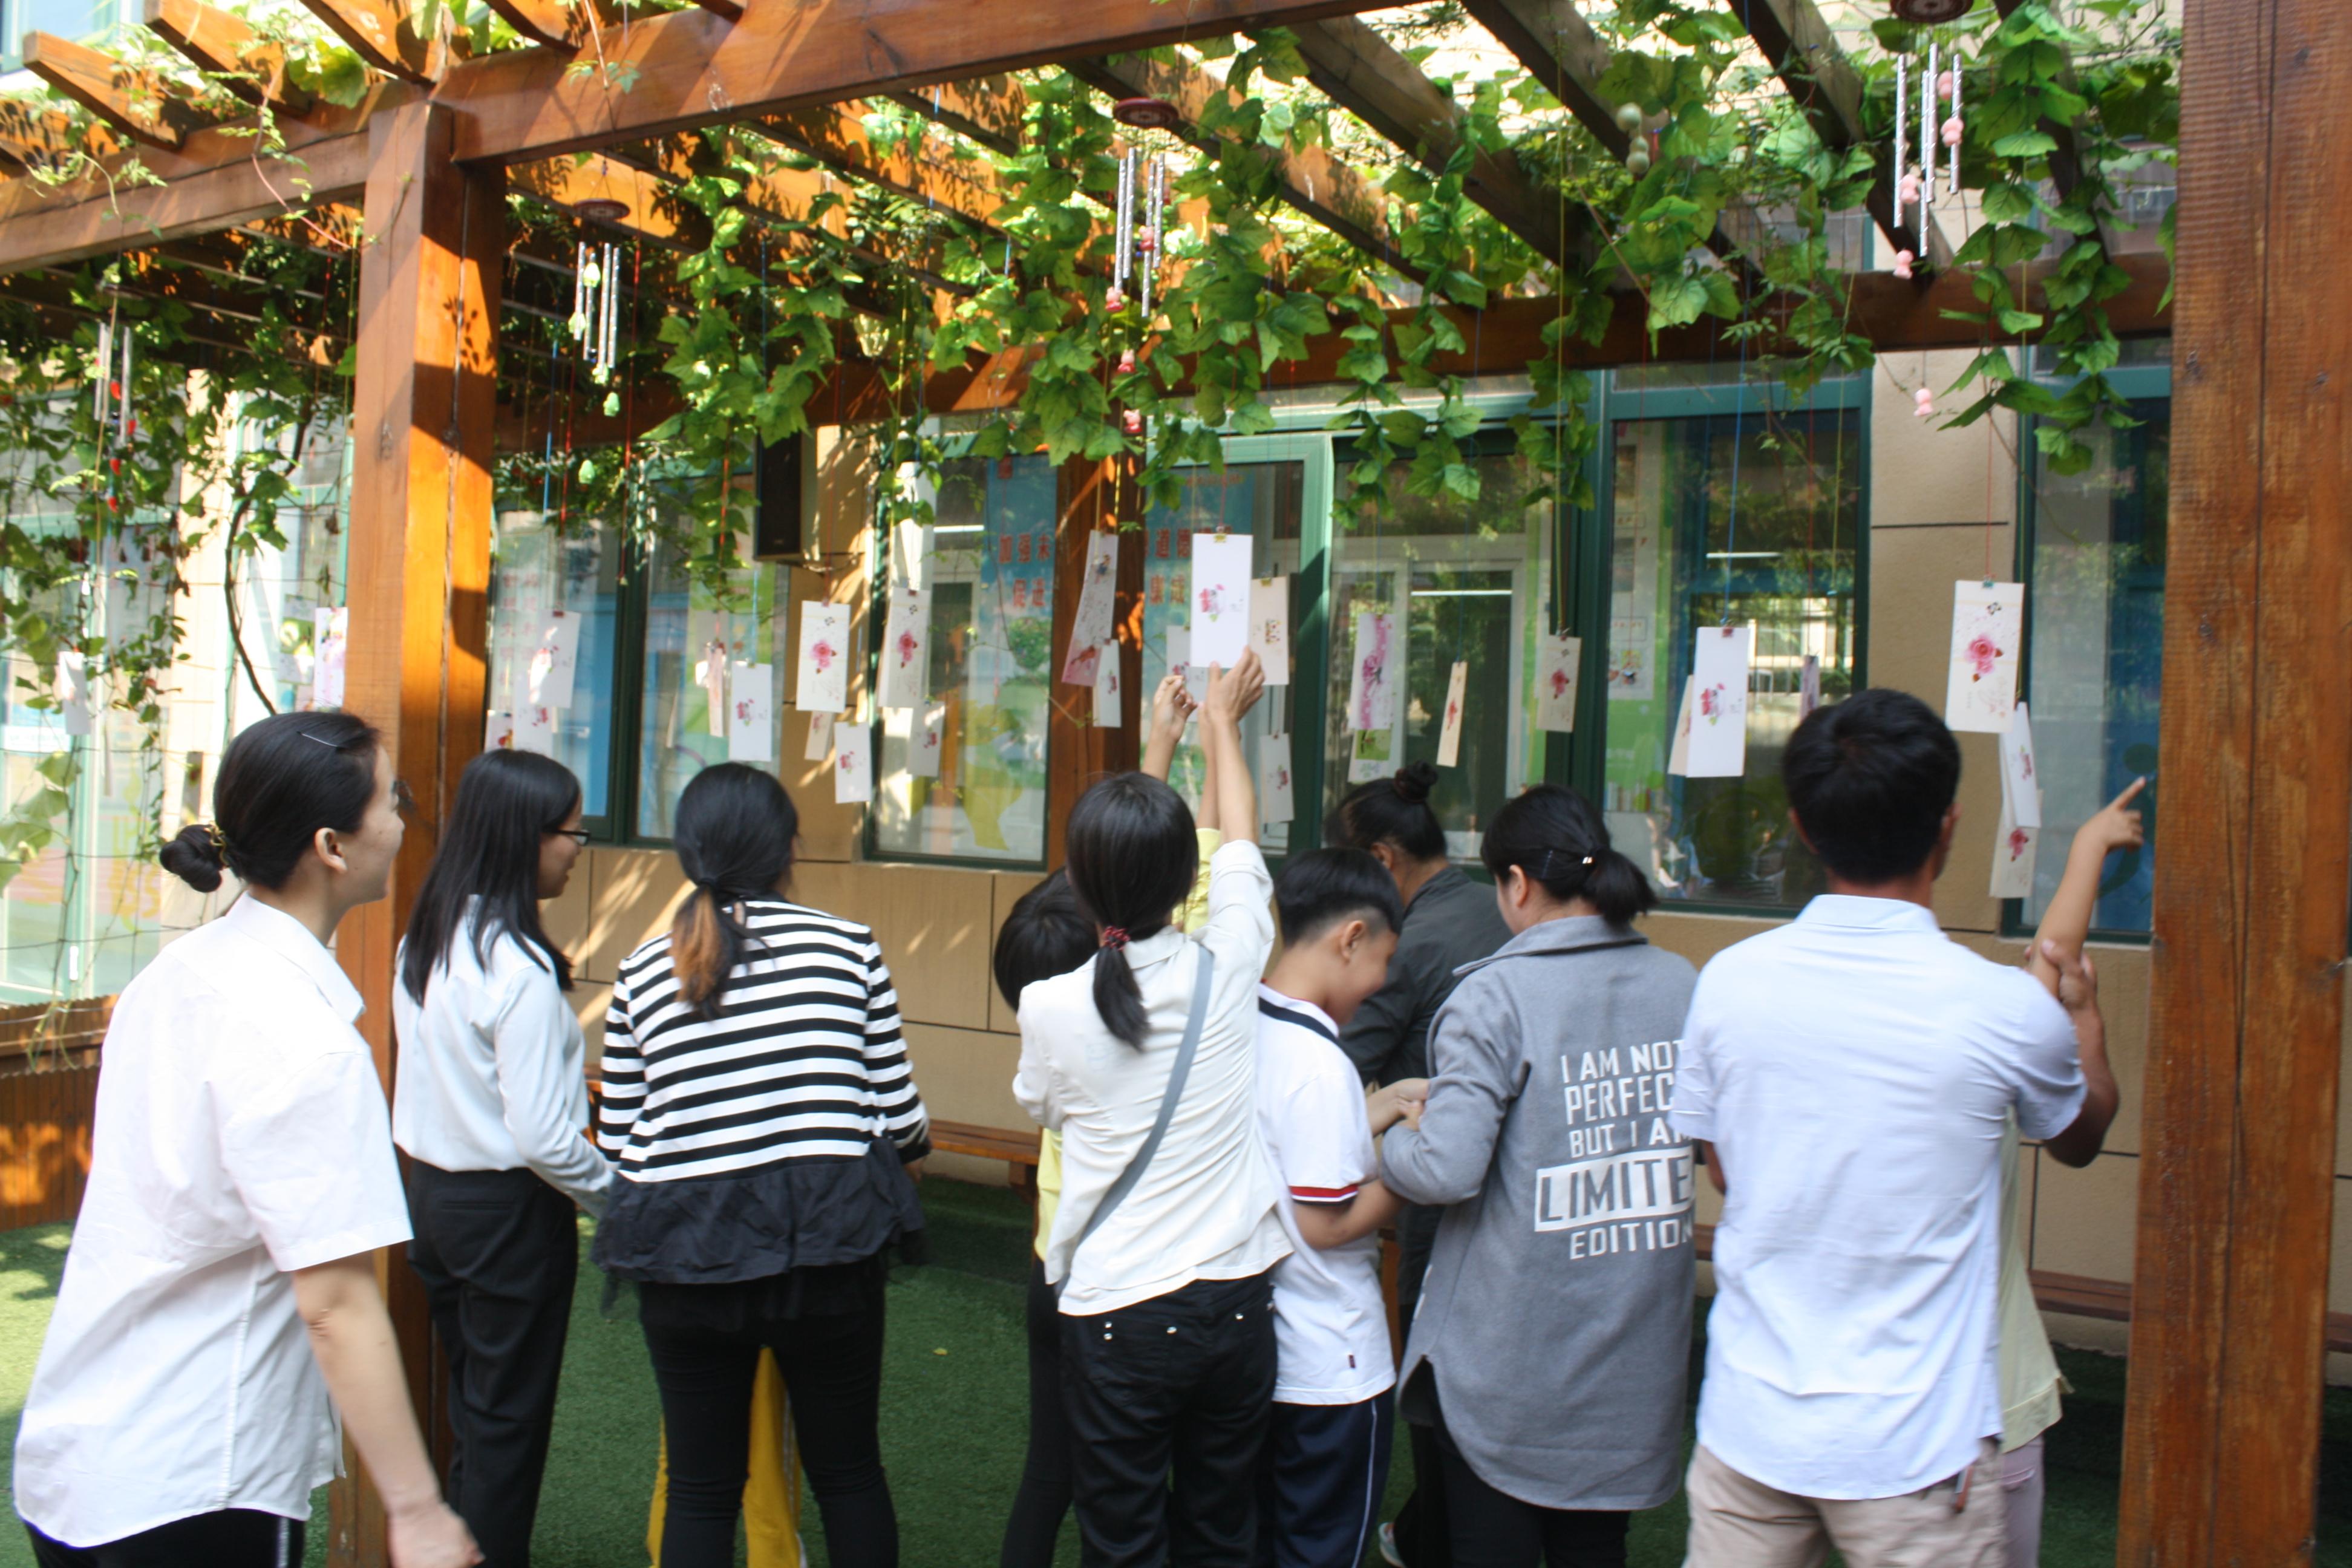 济南市影壁后街学校:国旗下宣誓,憧憬美好未来